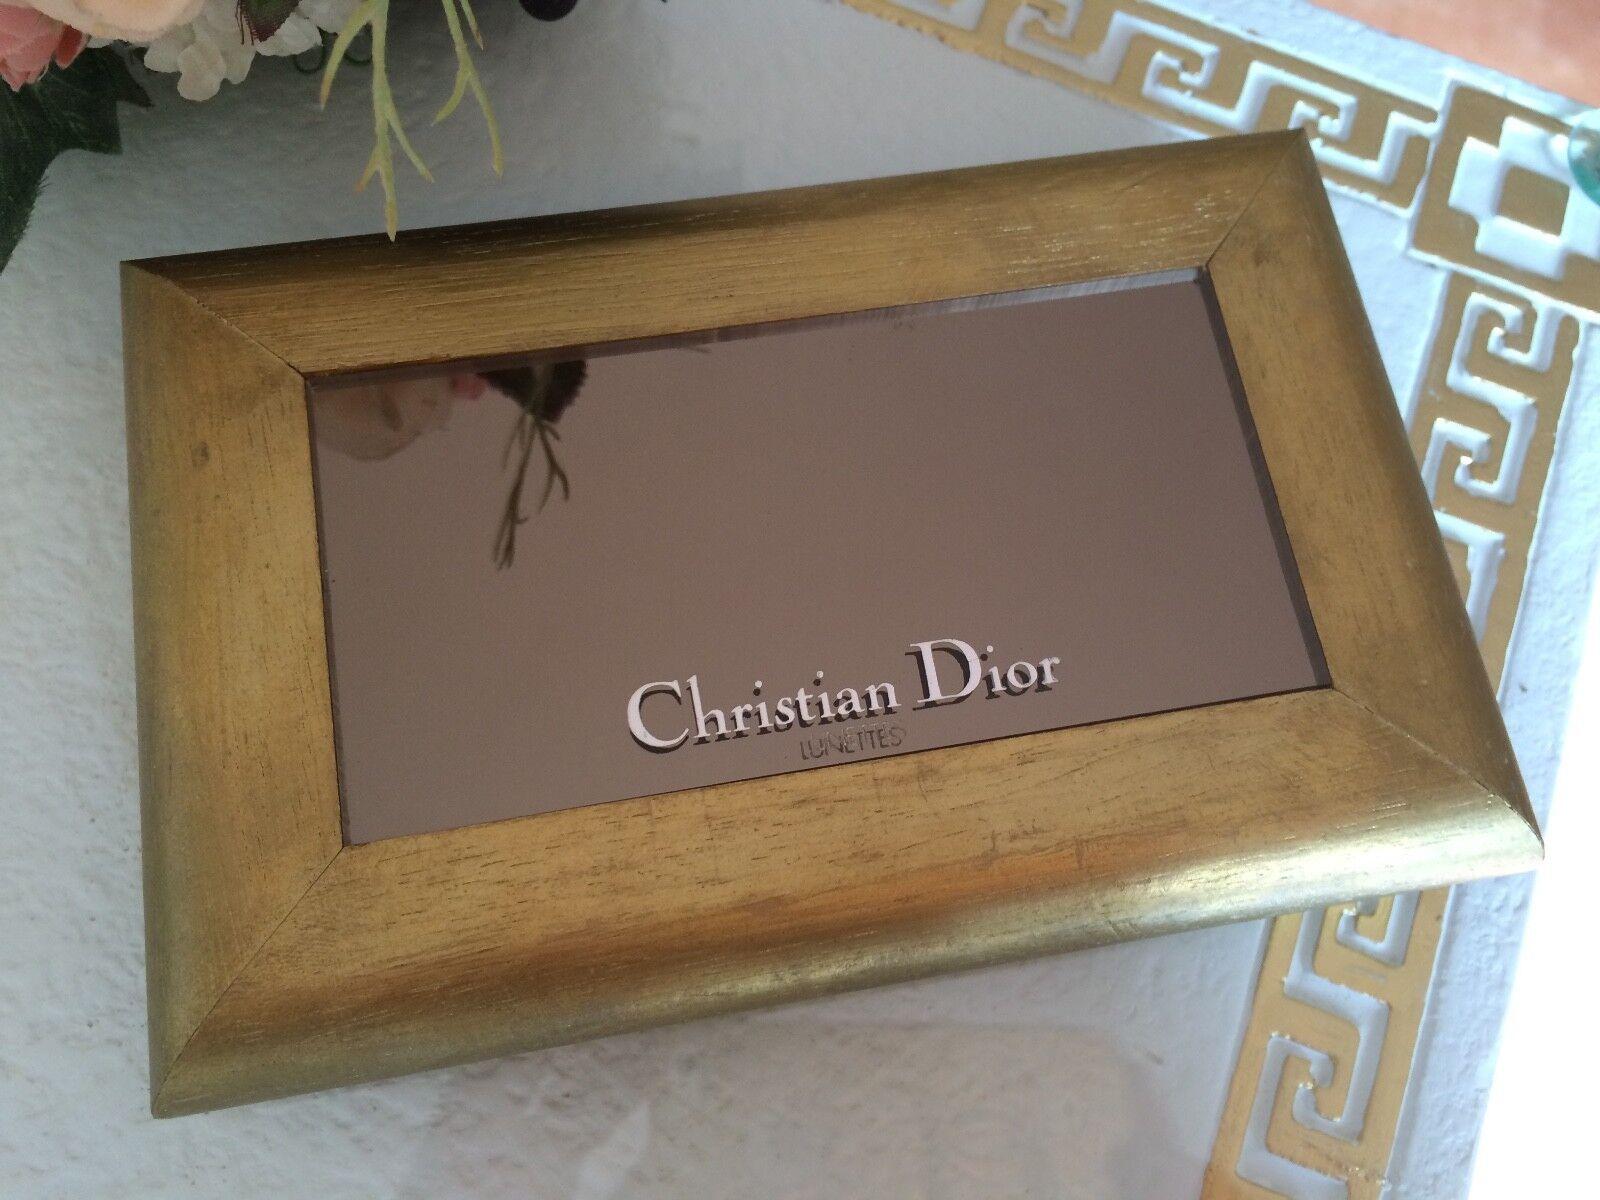 Christian Dior Lunettes Spiegel Wandspiegel RARITÄT Rar Gold Holz 17x11cm Top